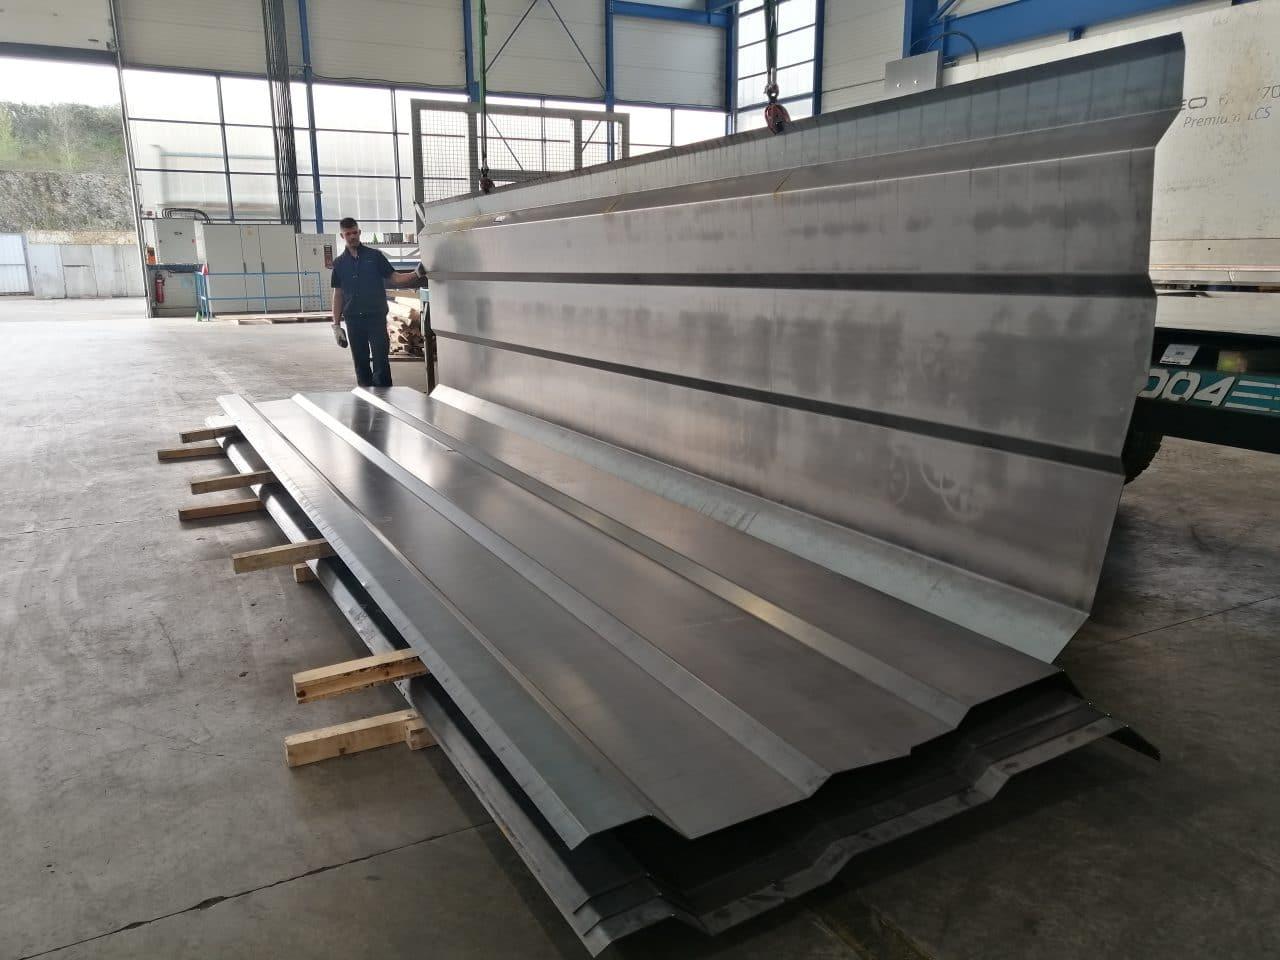 Image de côté de benne plié en acier grande longueur